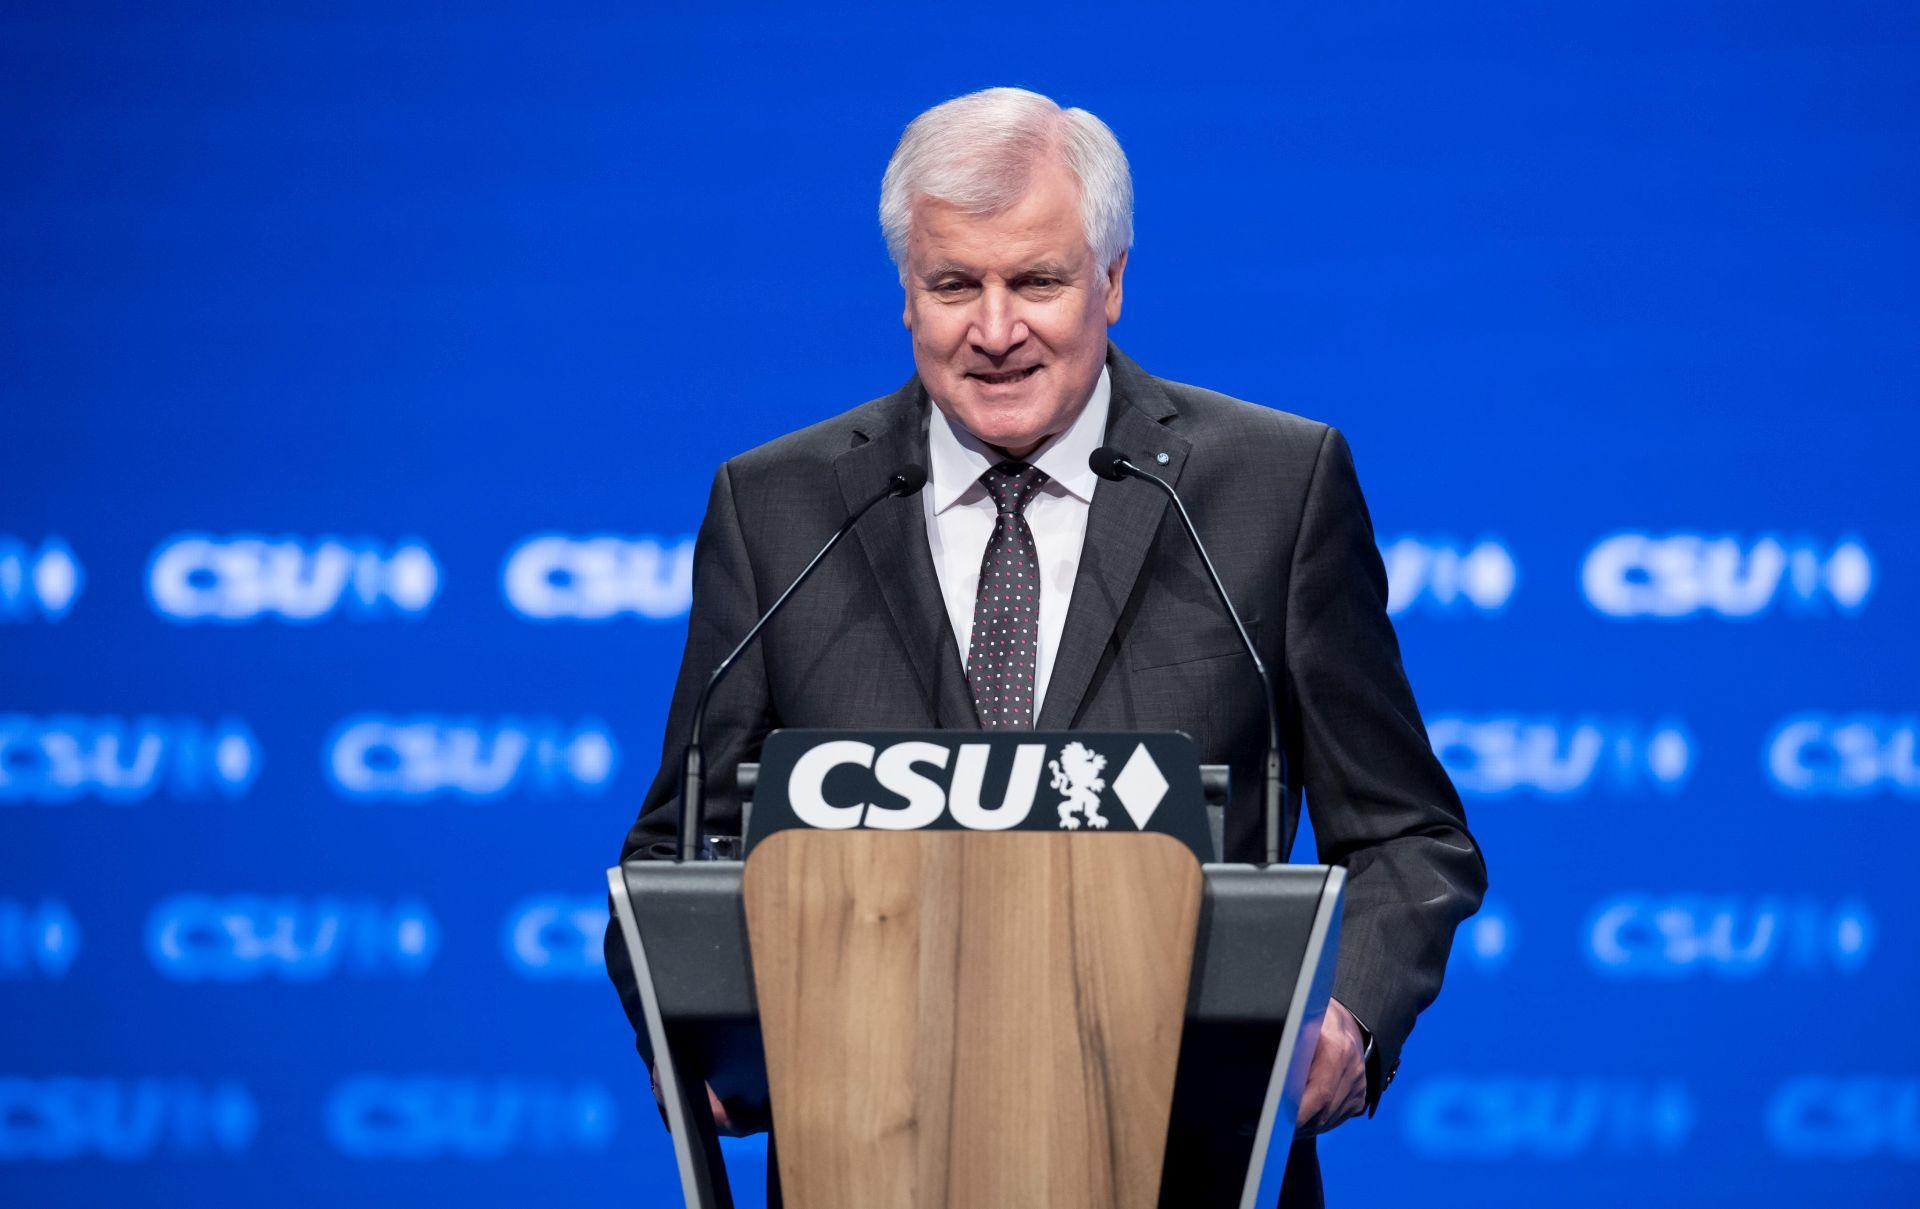 CSU: Nije prošao prijedlog uskraćivanja potpore Merkel za novu kandidaturu